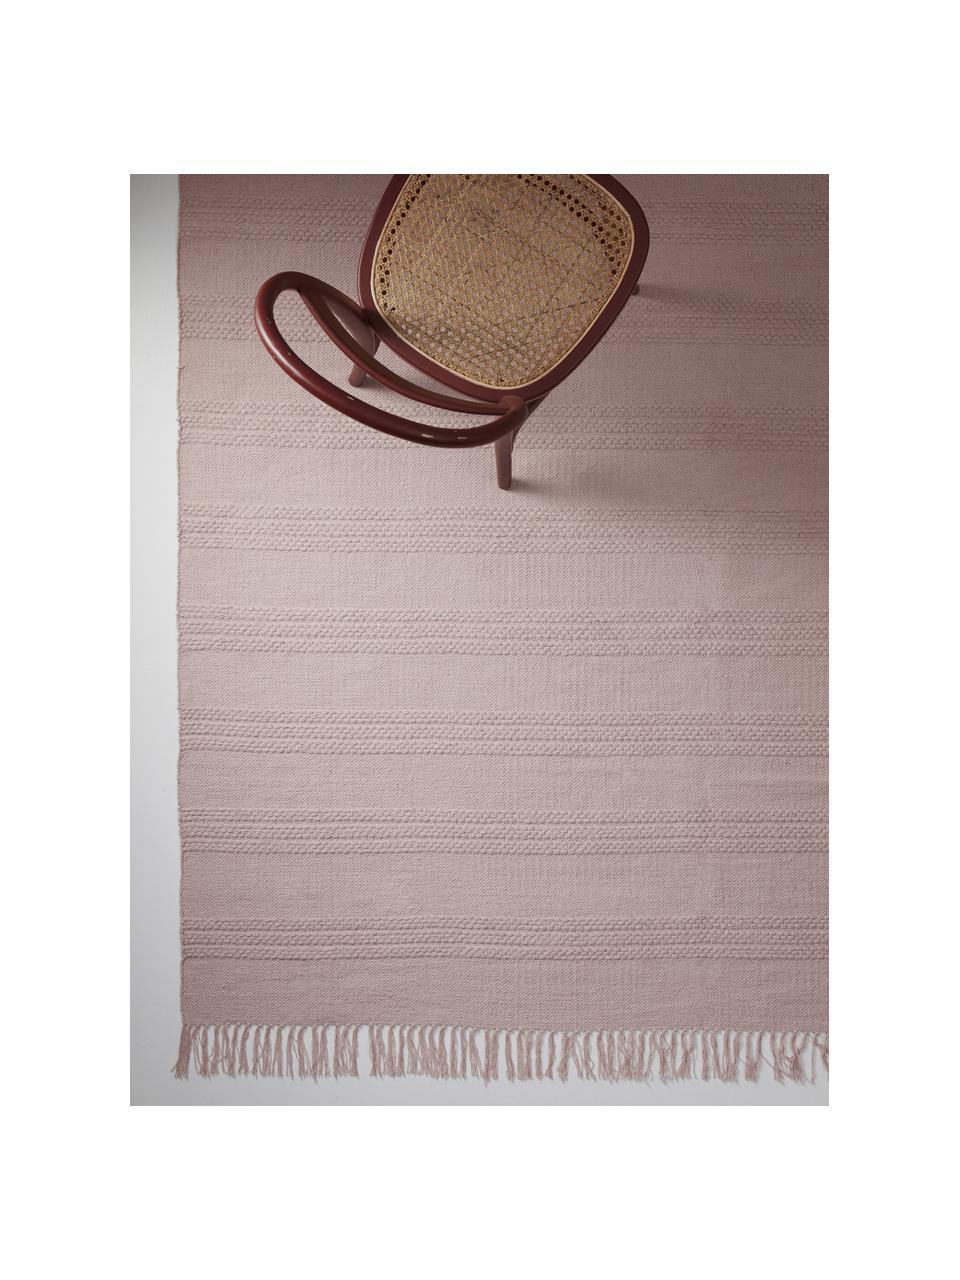 Dywan z bawełny Tarnya, 100% bawełna, Blady różowy, S 200 x D 300 cm (Rozmiar L)